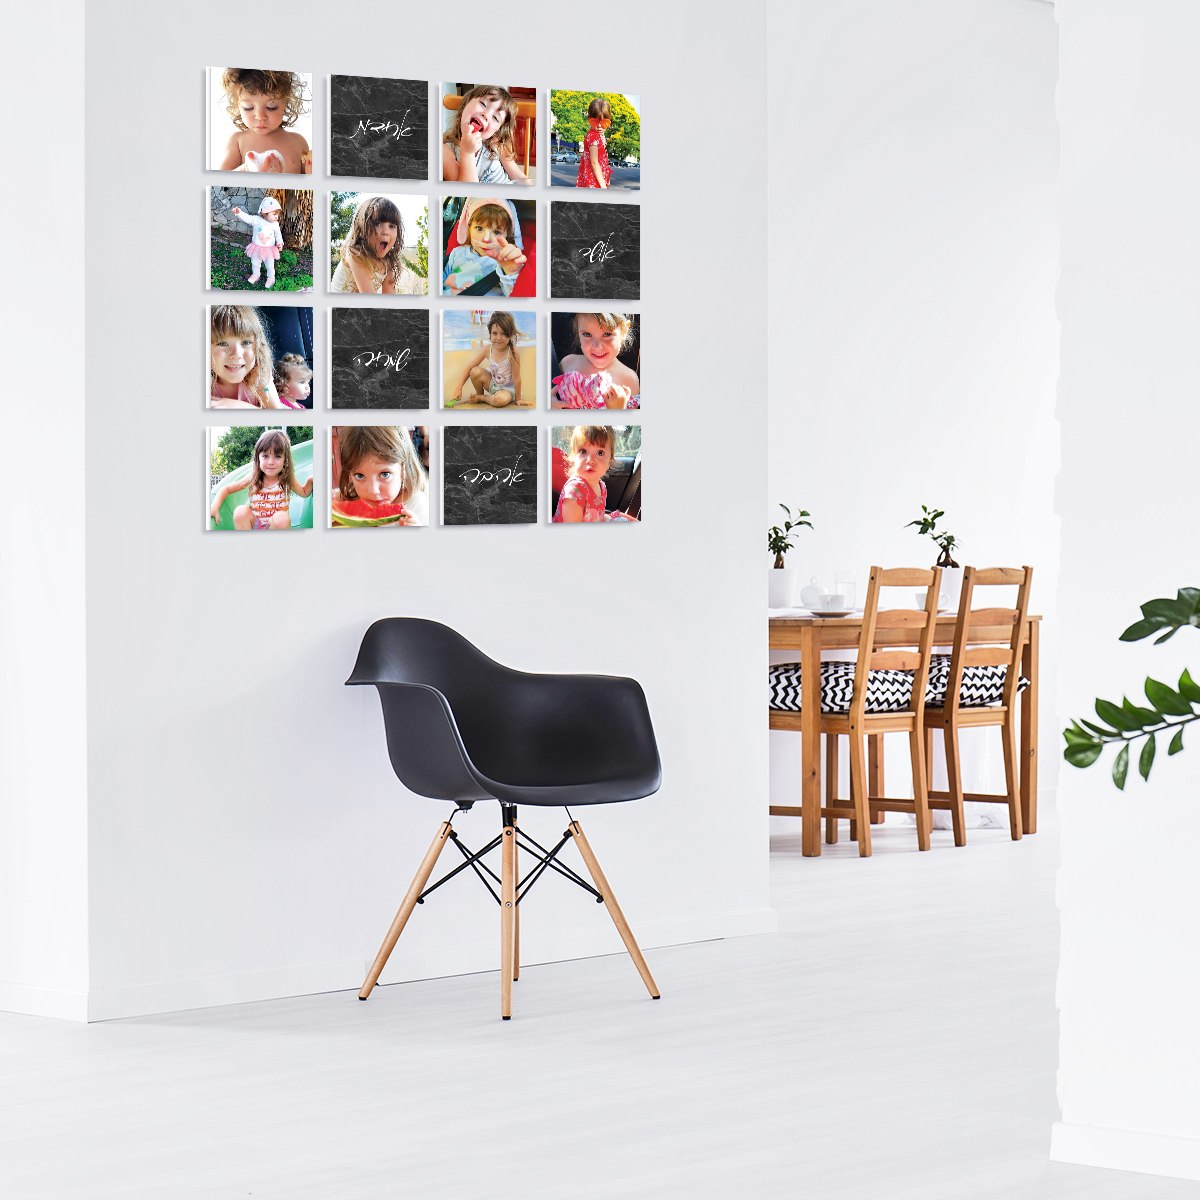 קולאז' תמונות | קולאז' תמונות קאפה לבחירה | עיצוב תמונות לקיר משפחה | הדפסת תמונות | שיש אפור